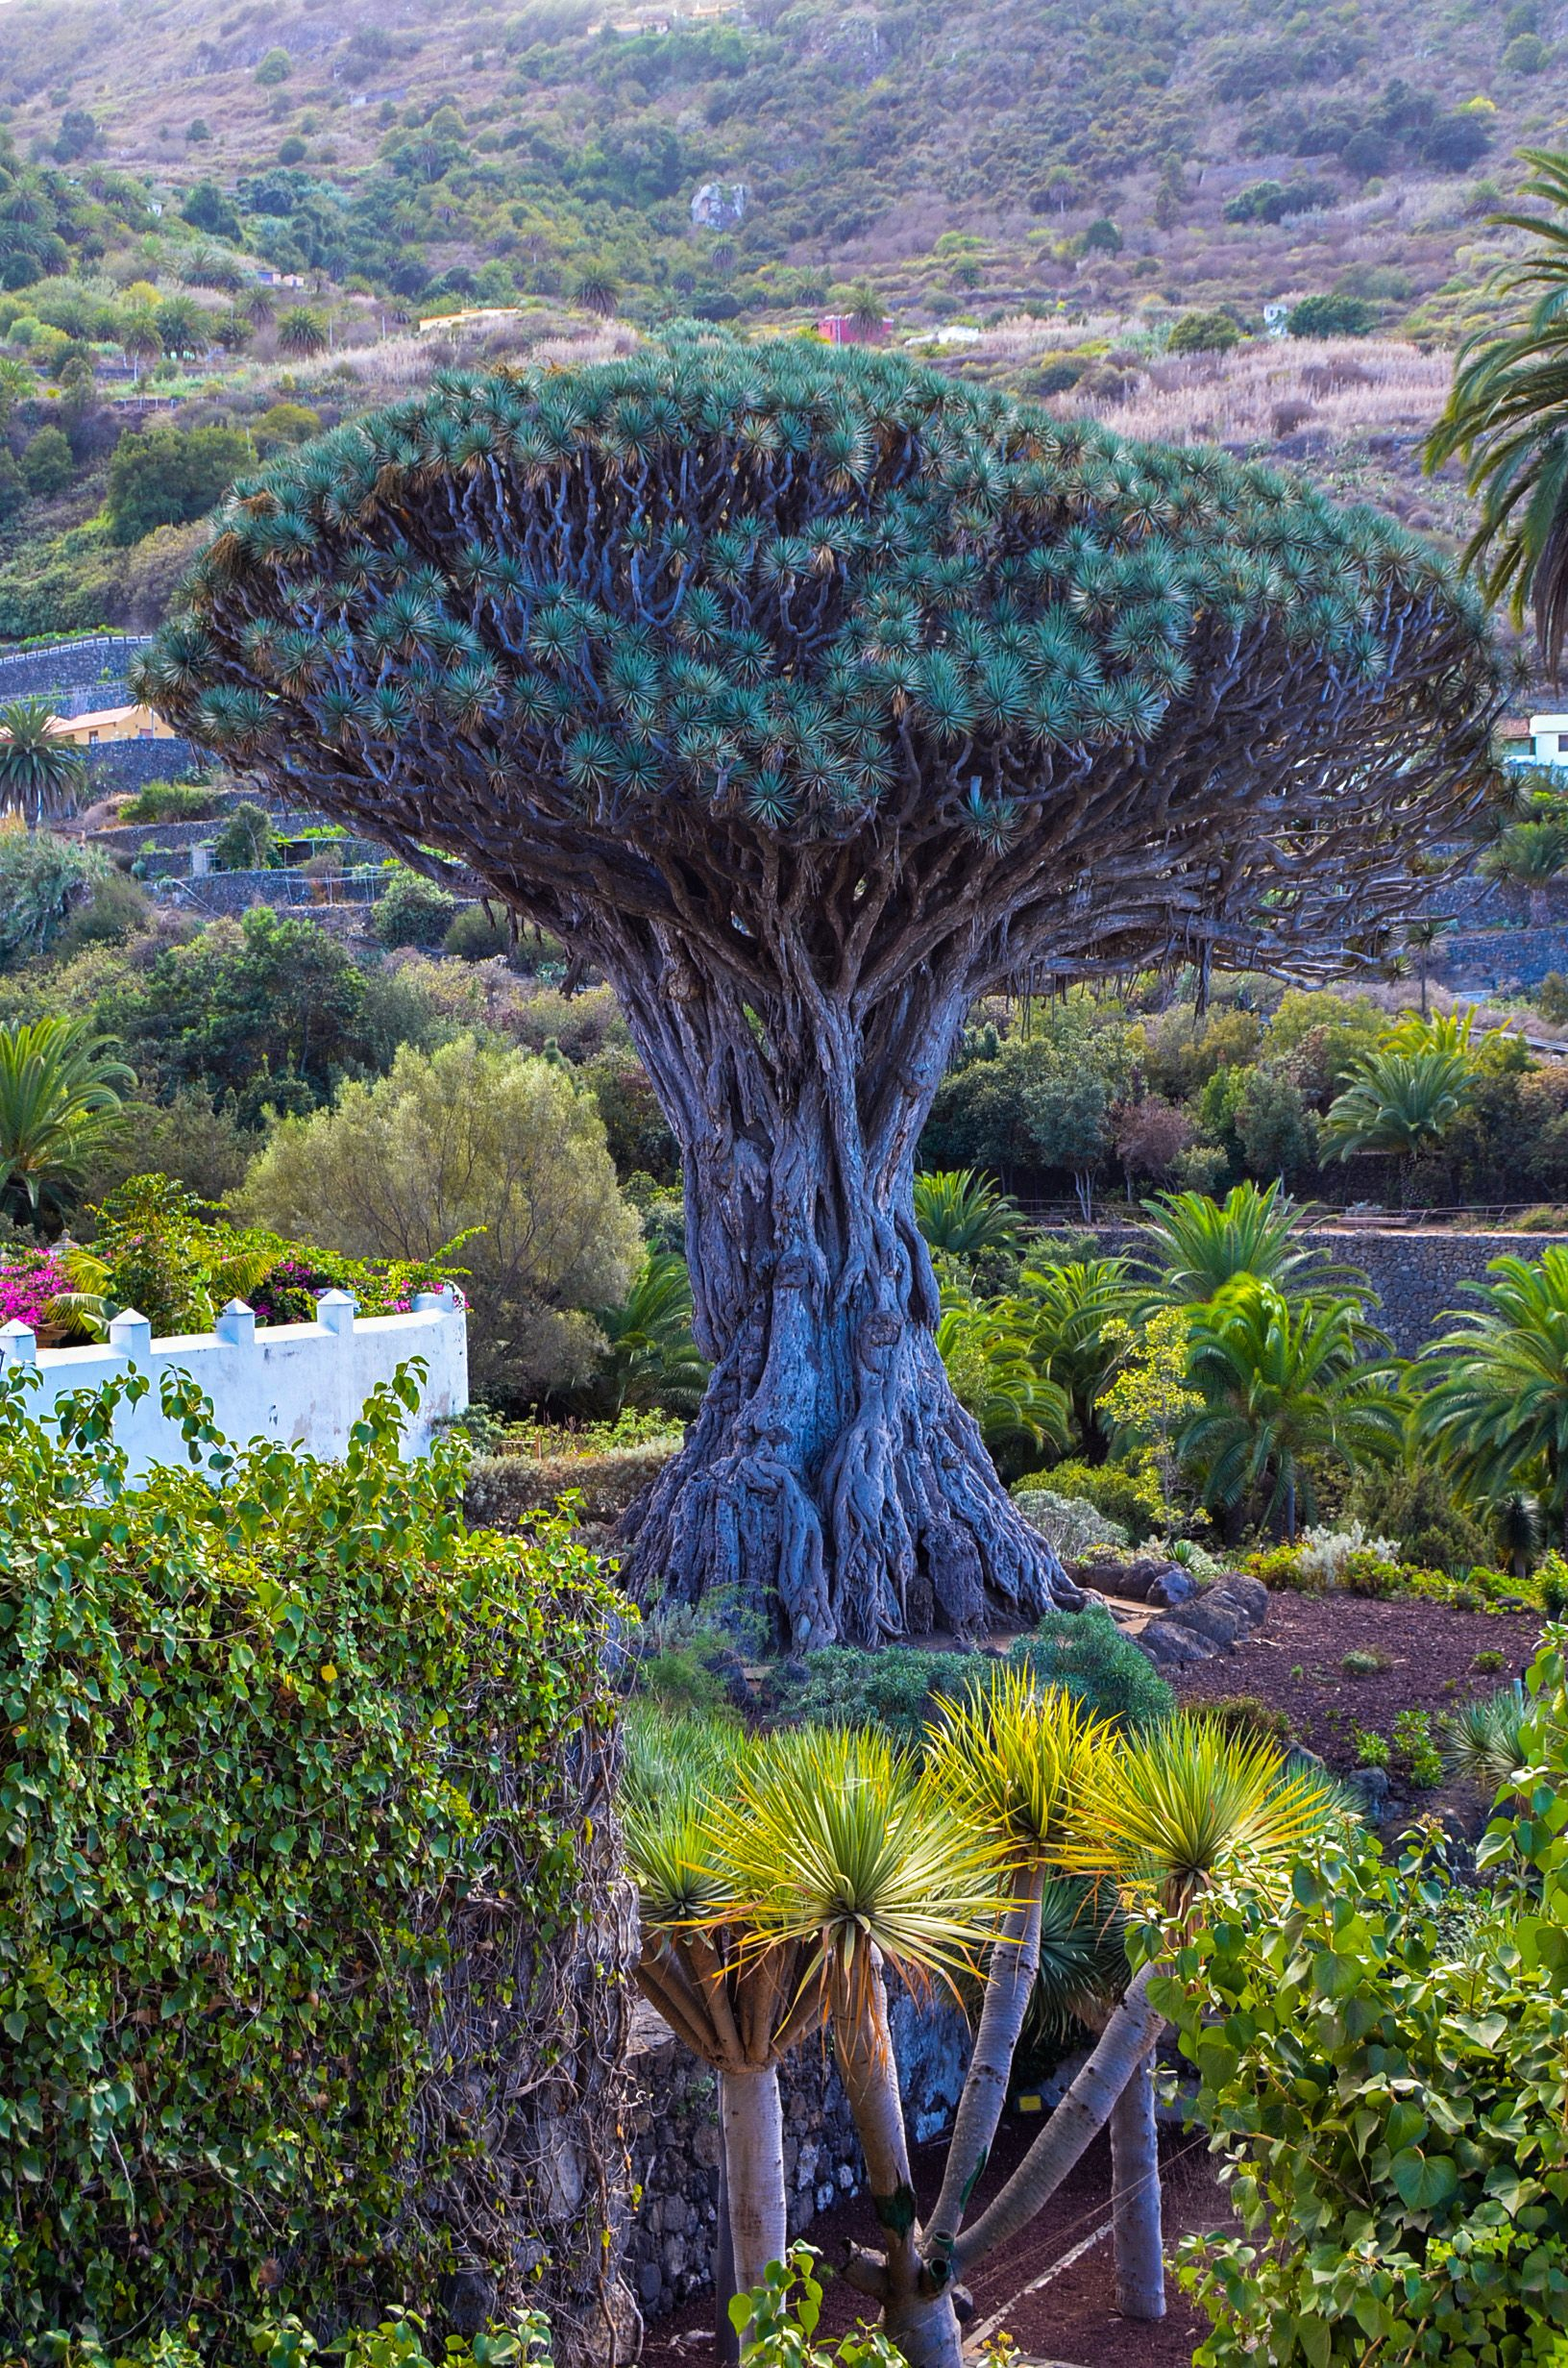 Drago Millenario, Icod de los vinos, Tenerife